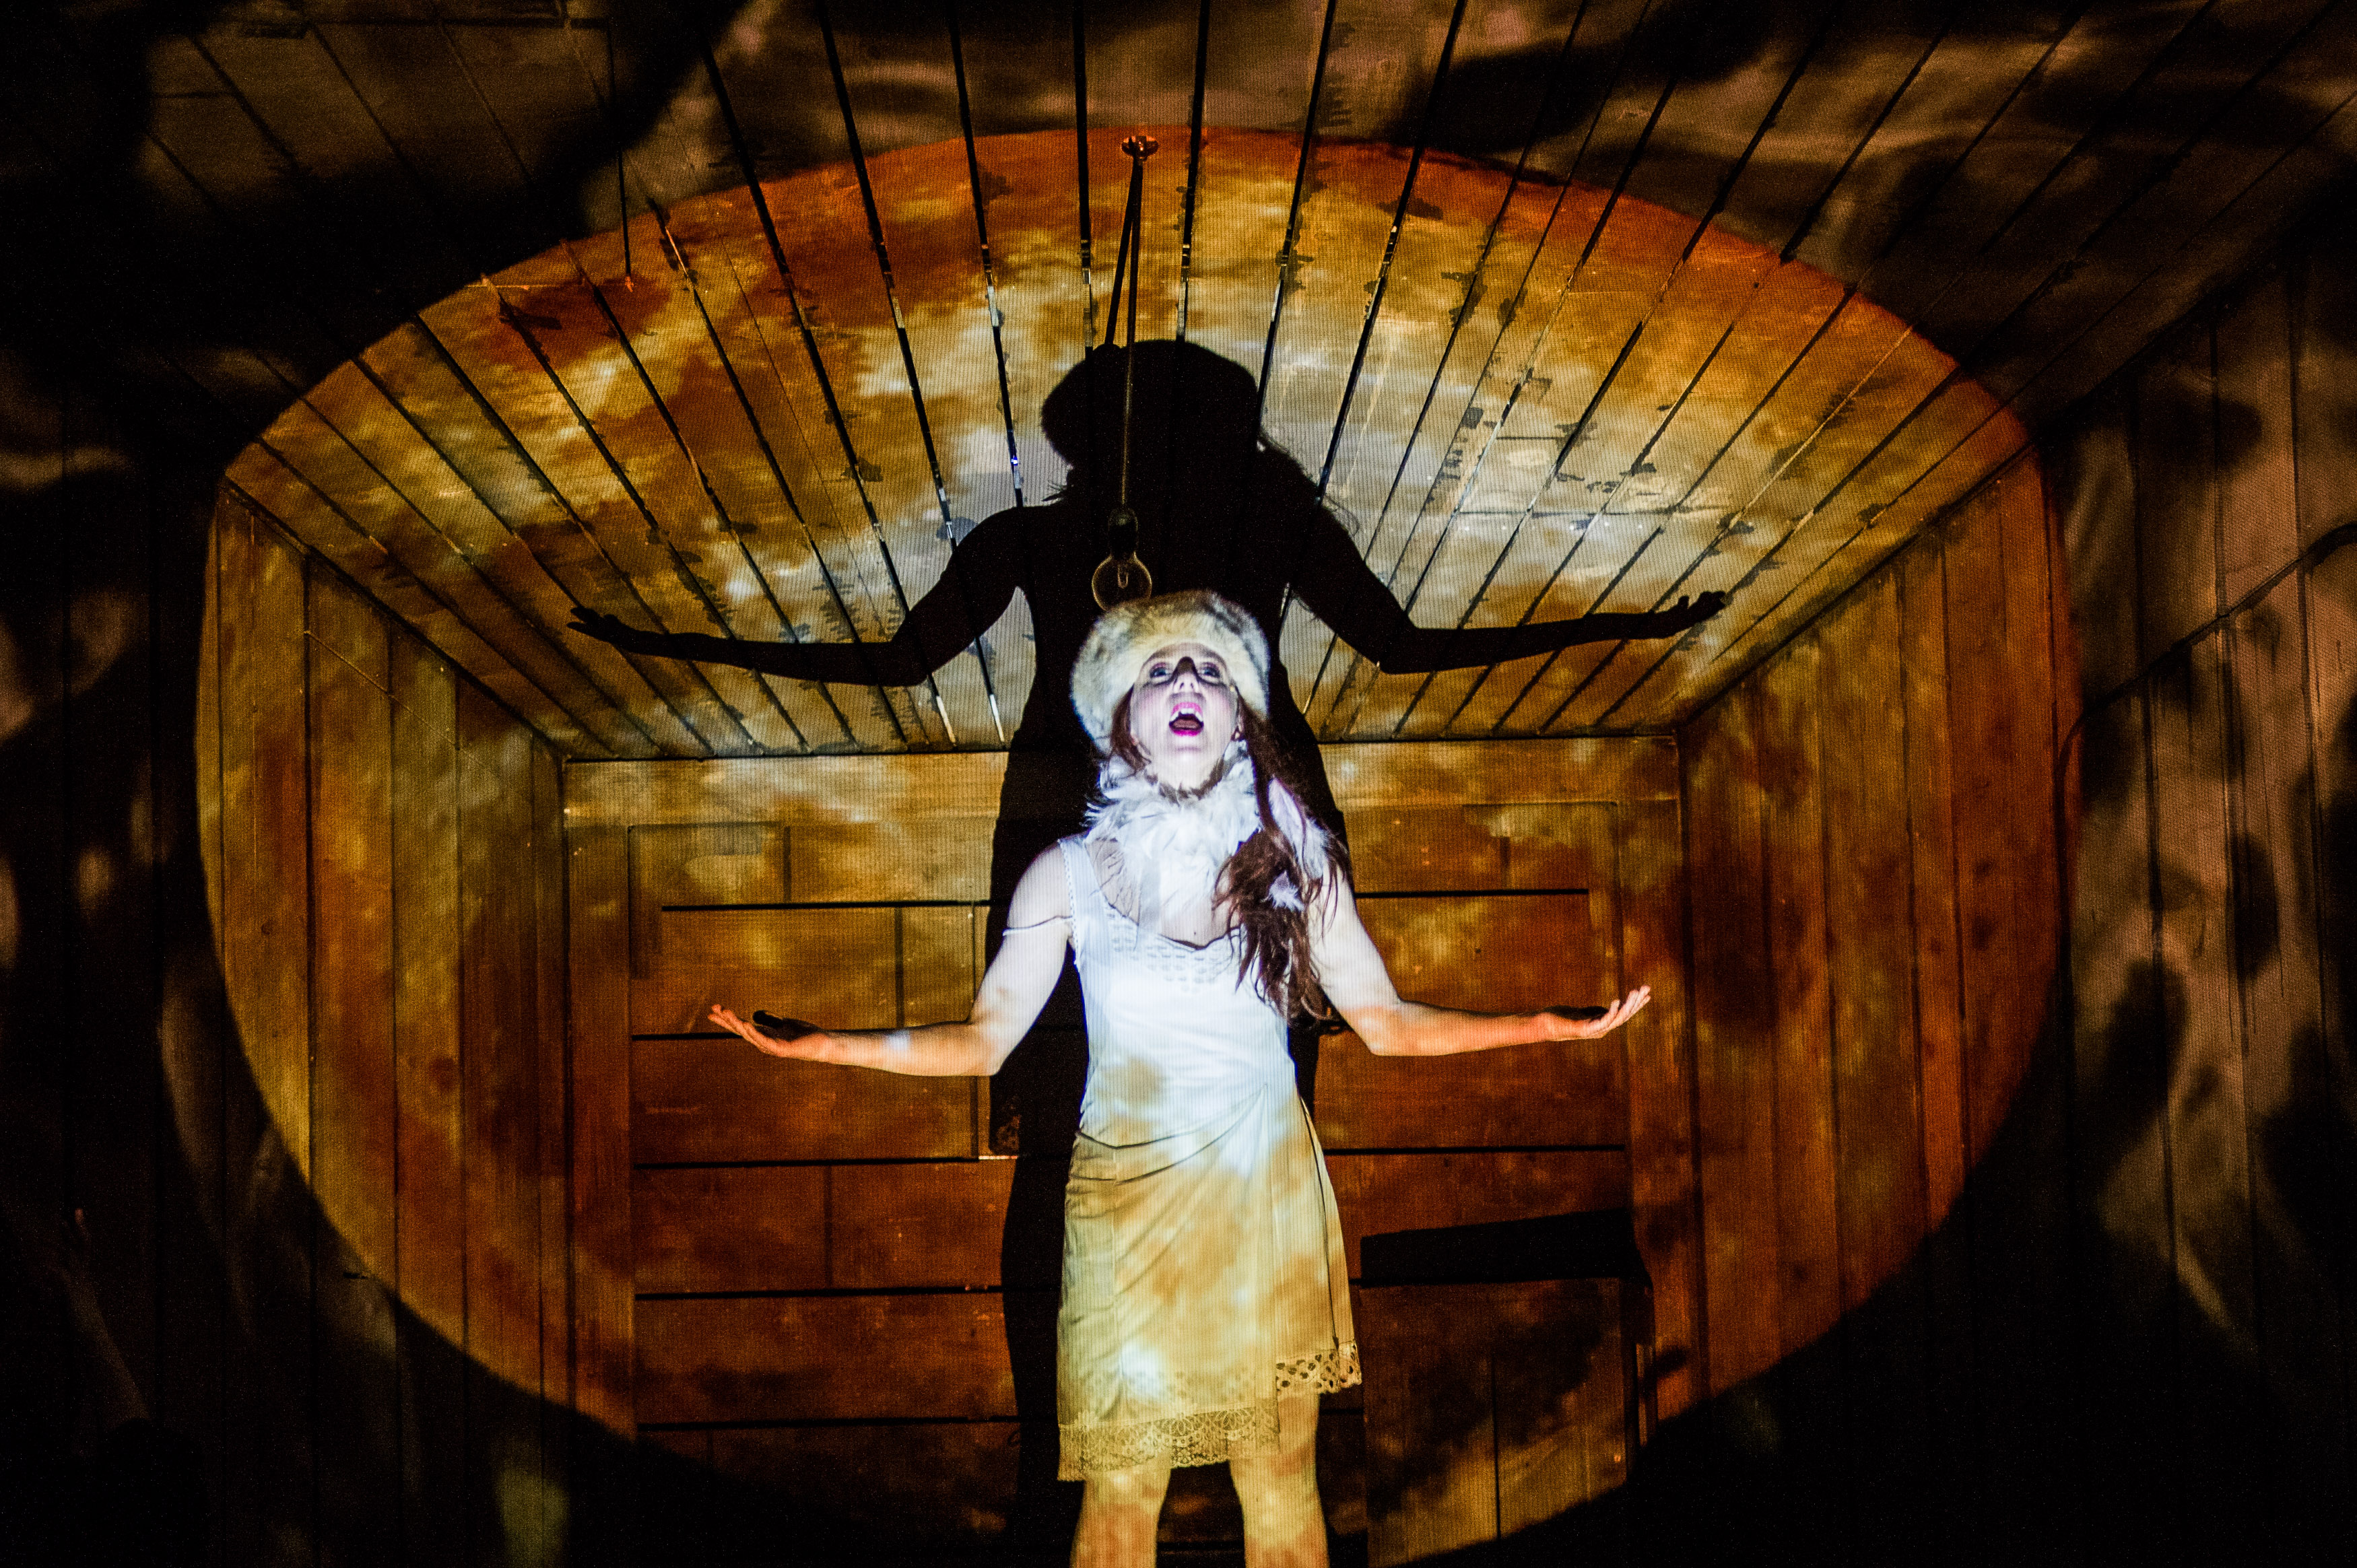 L'arche part à 8h_Théâtre de Chelles_©Pierre Planchenault-1122